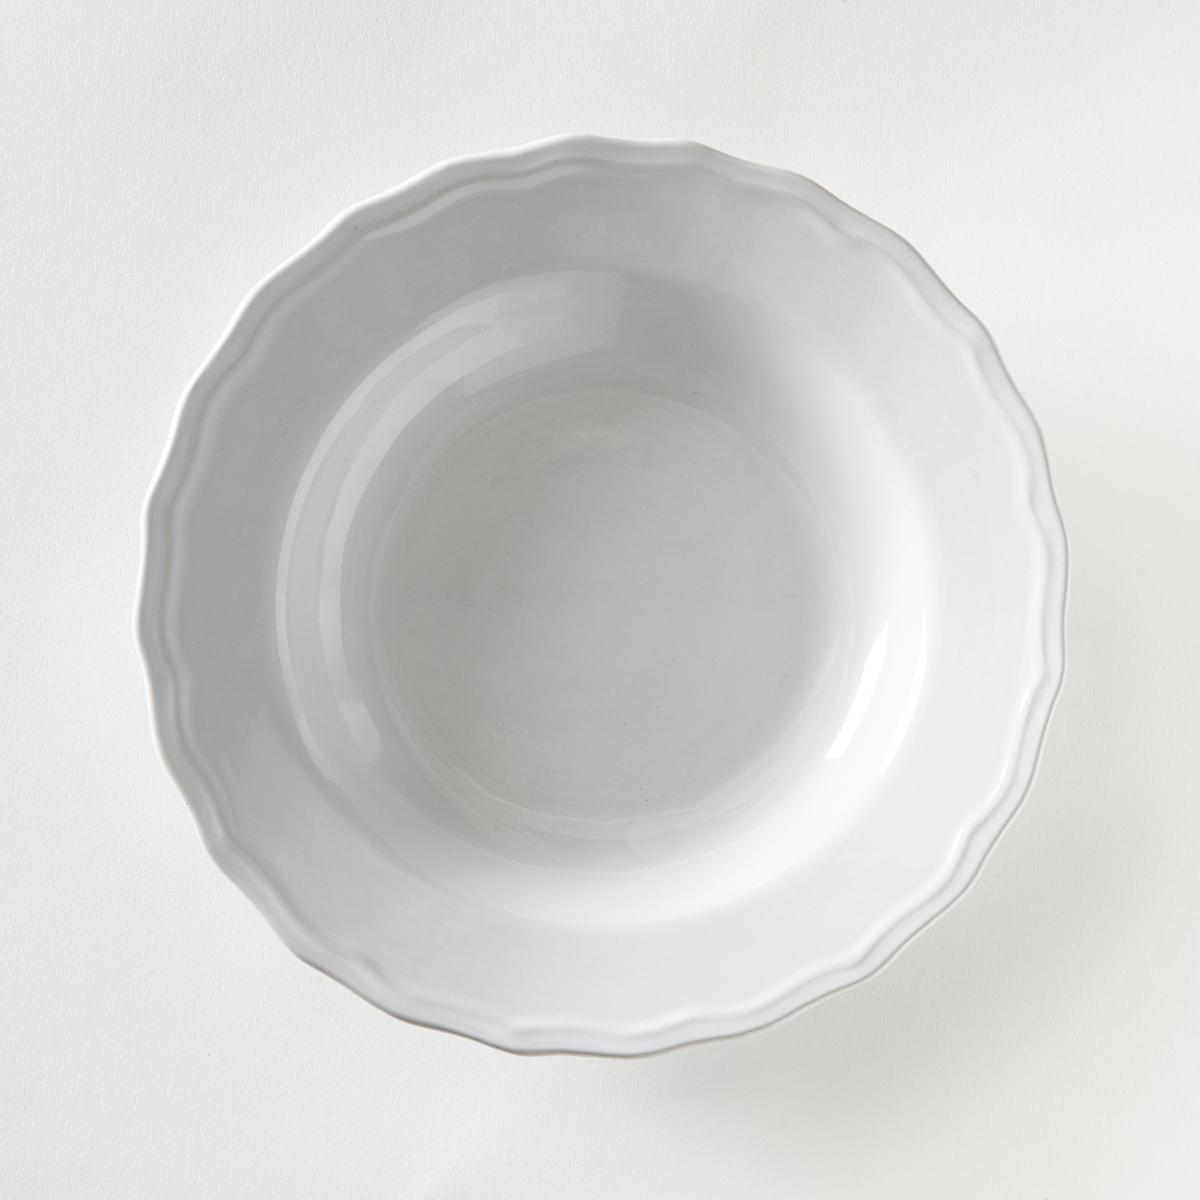 4 тарелки глубокие с отделкой фестоном, Ajila